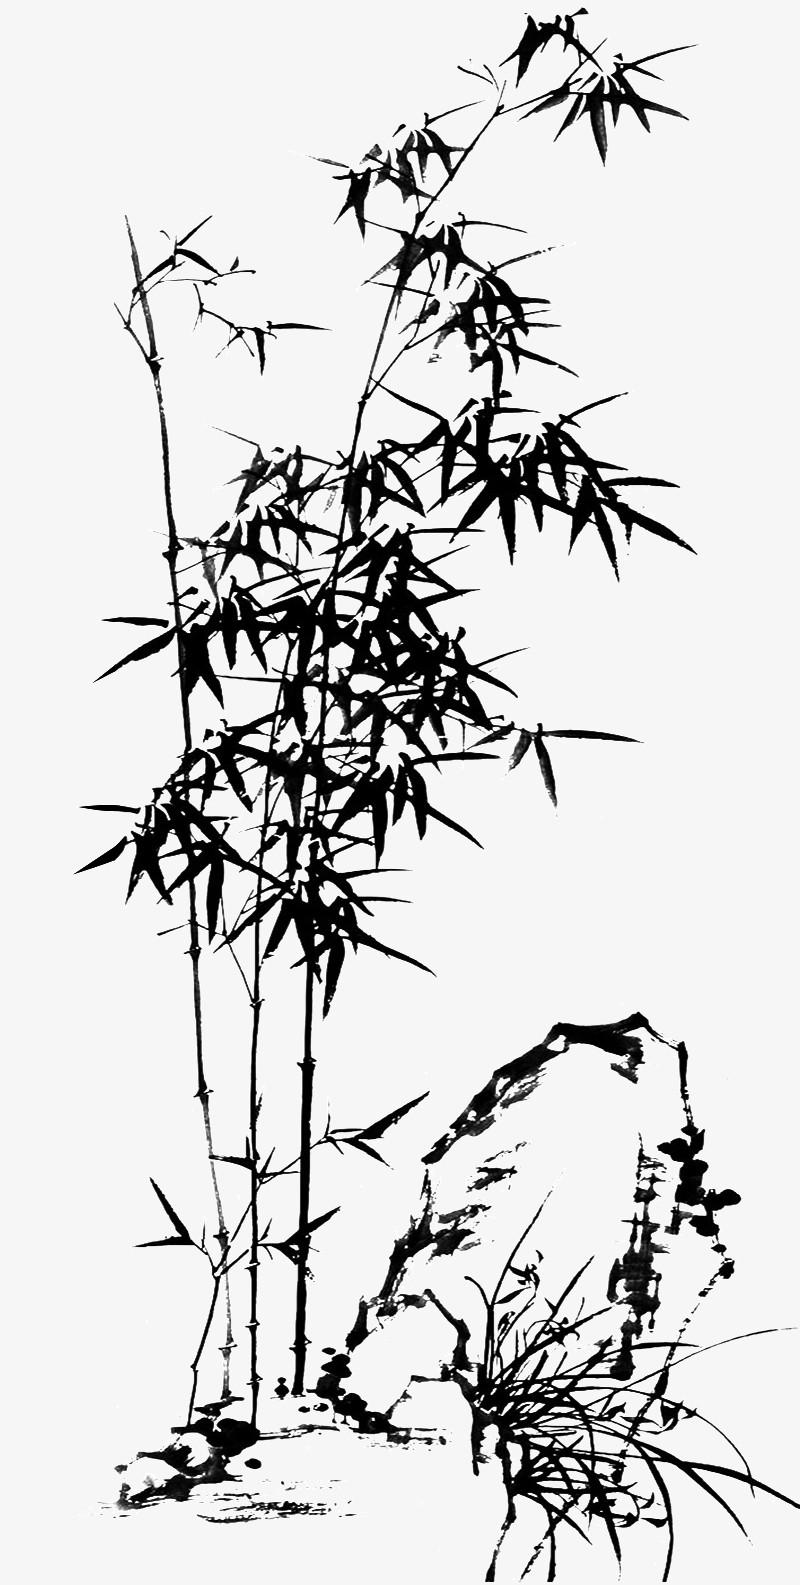 水墨竹子图片免费下载_高清png素材_图精灵